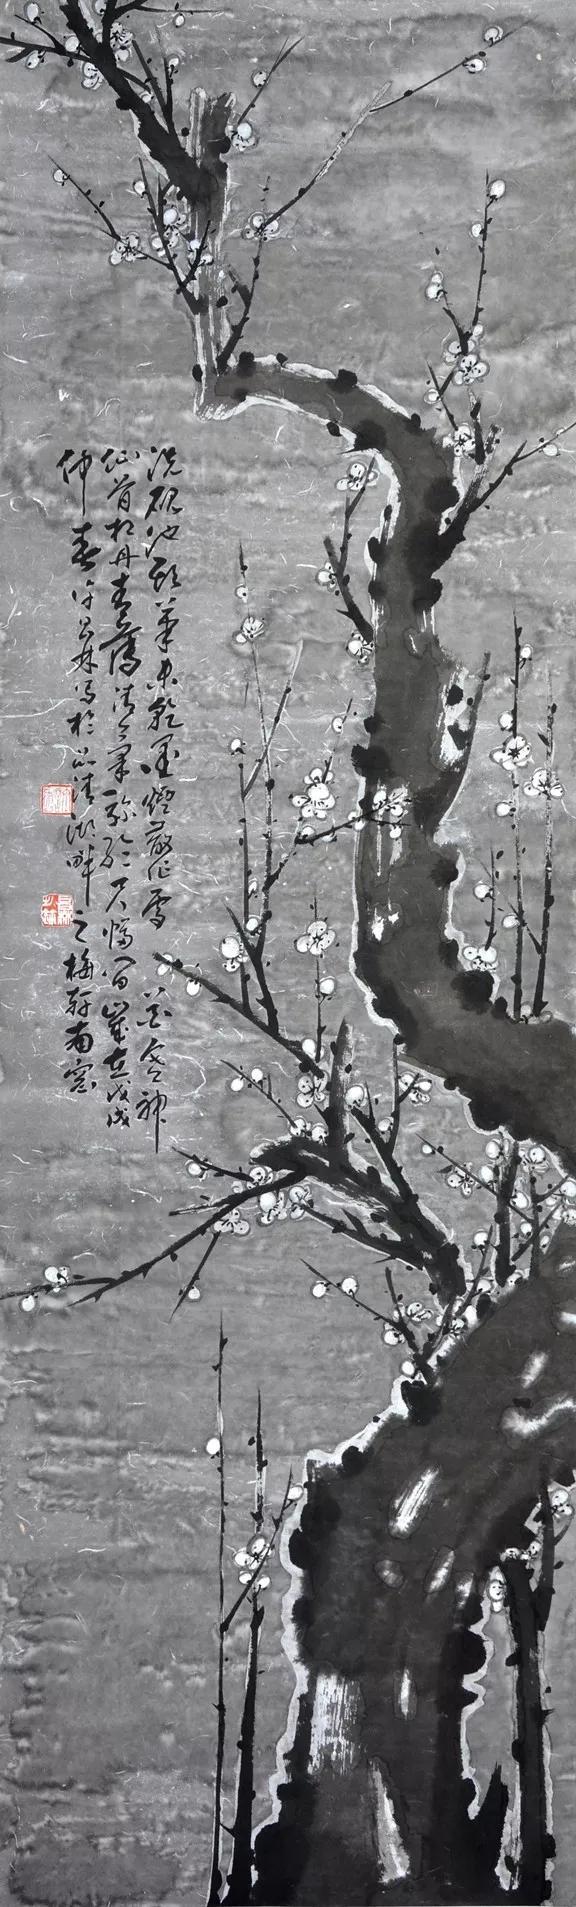 深莞惠+汕尾、河源五市写意国画创作联展